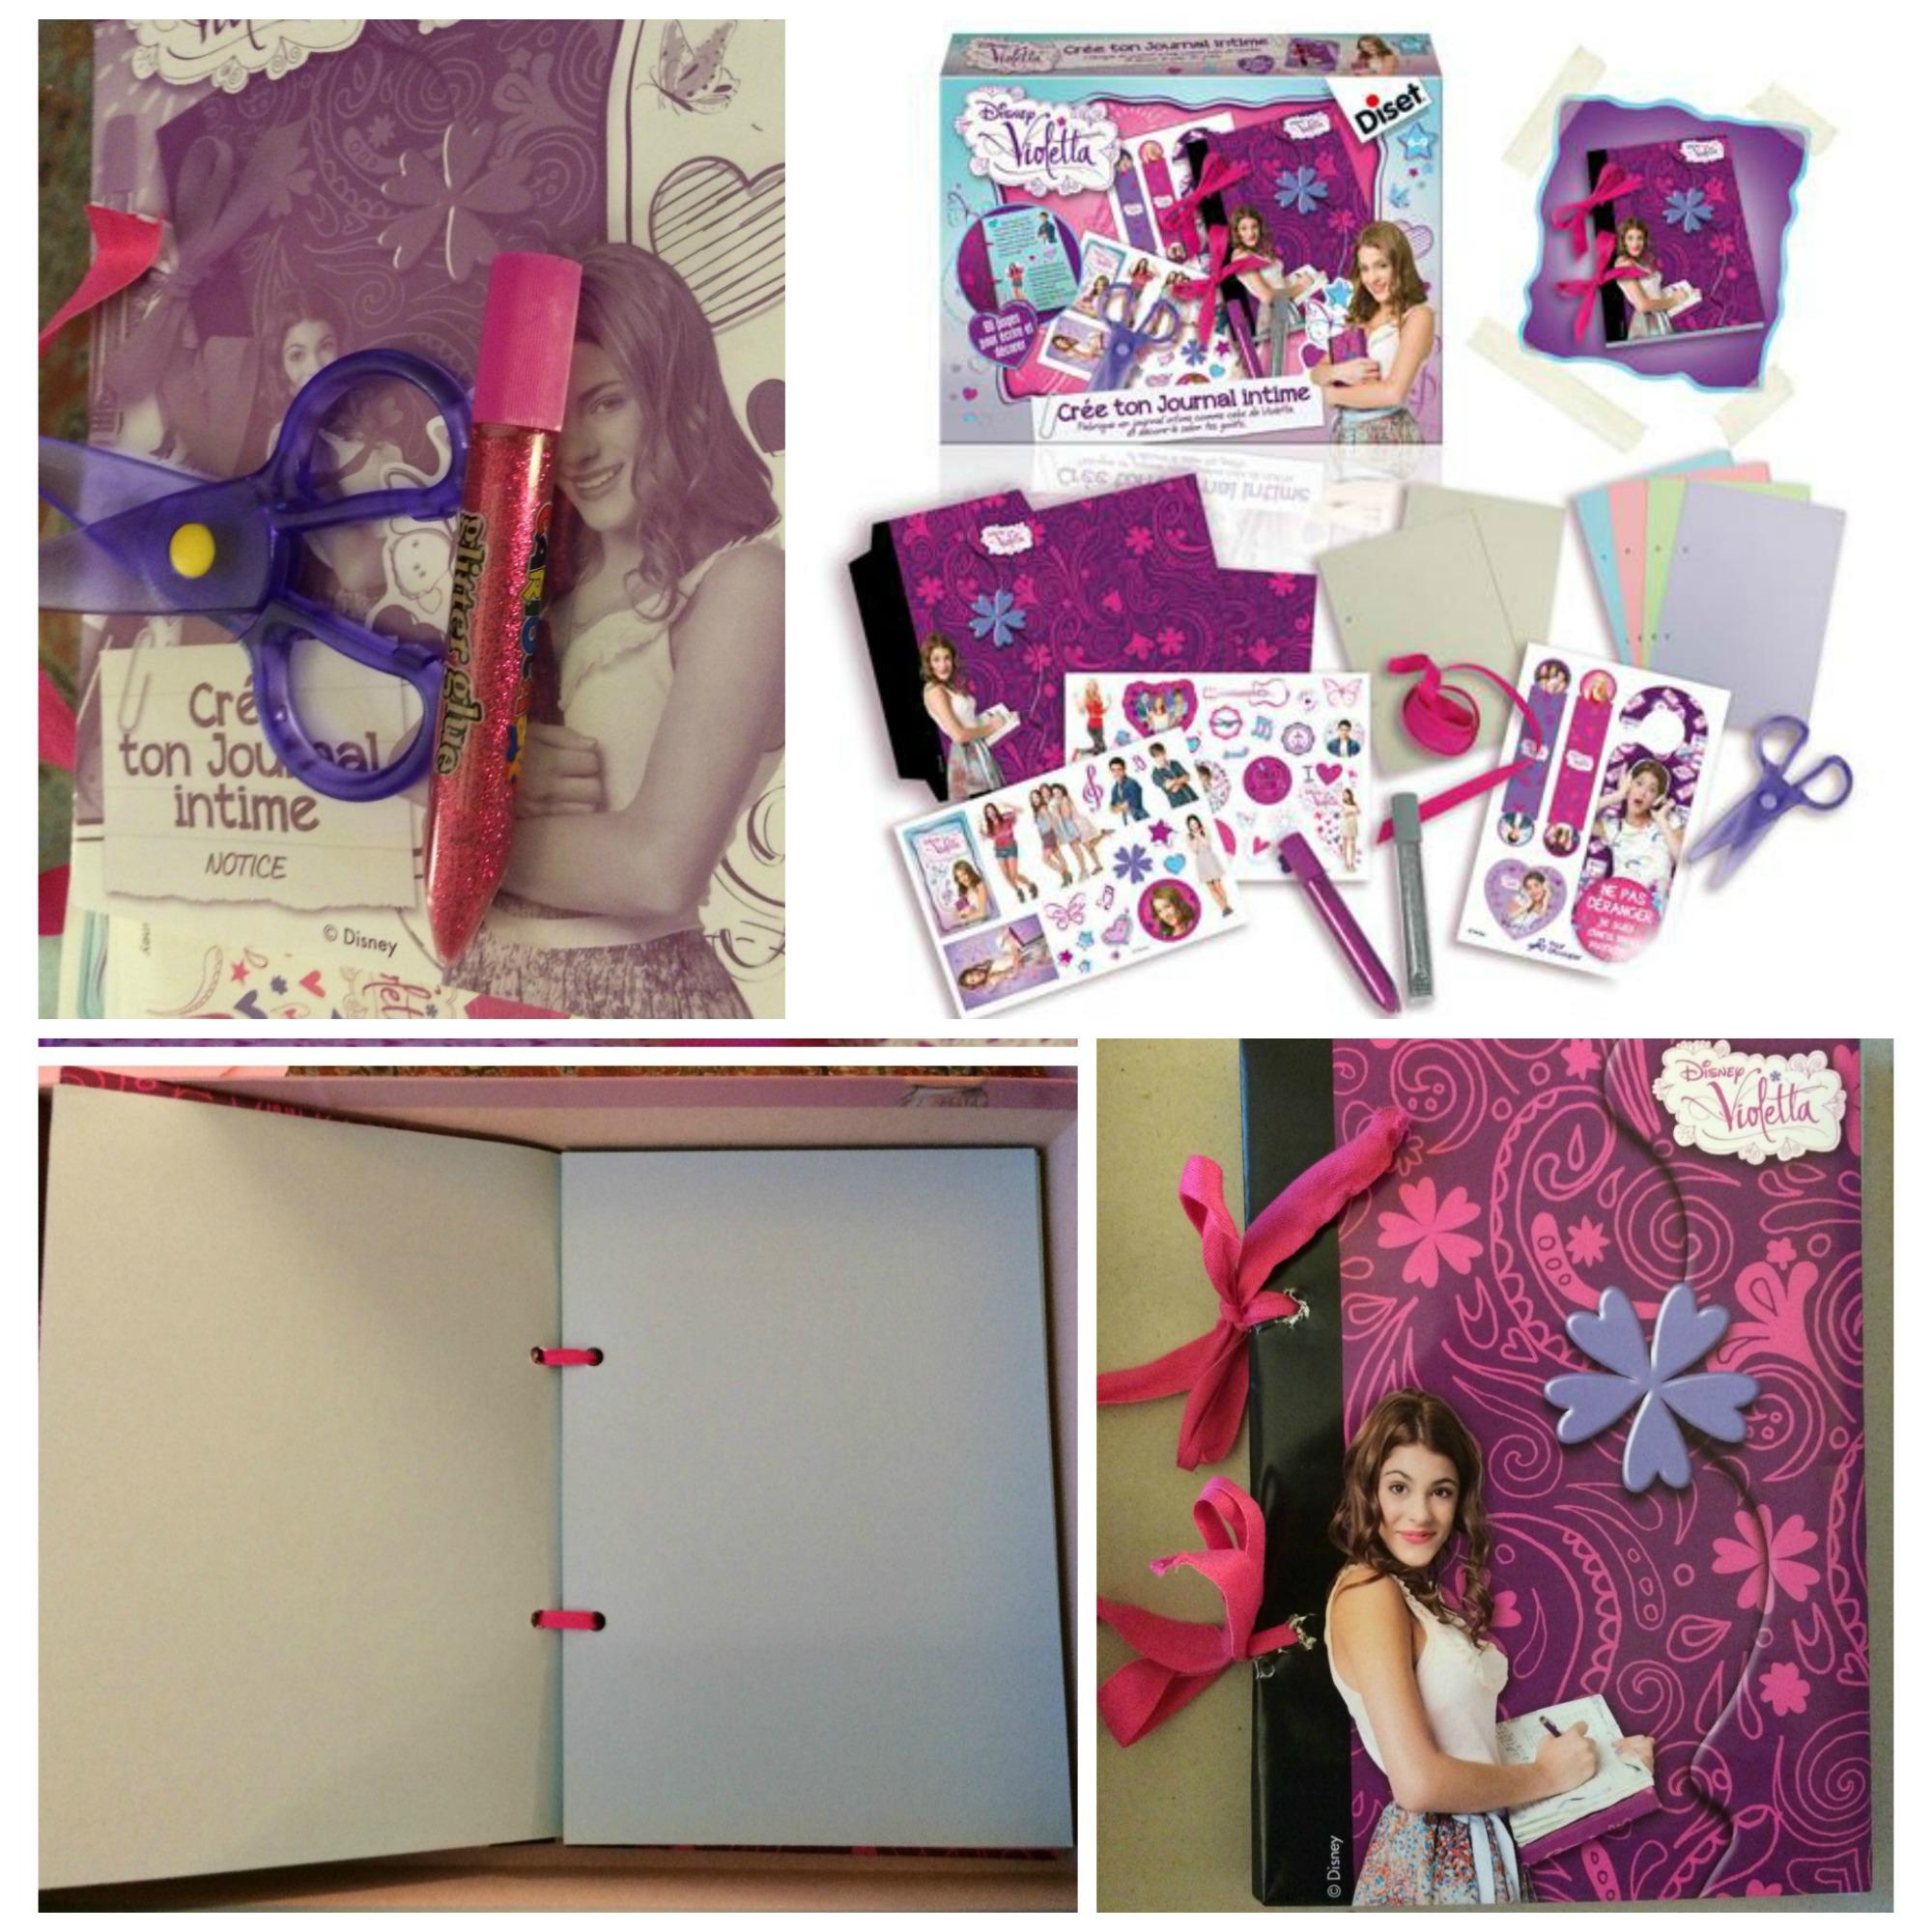 Crée Ton Journal Intime Violetta : crée, journal, intime, violetta, Crée, Journal, Intime, Violetta, [+Concours, +Résultats